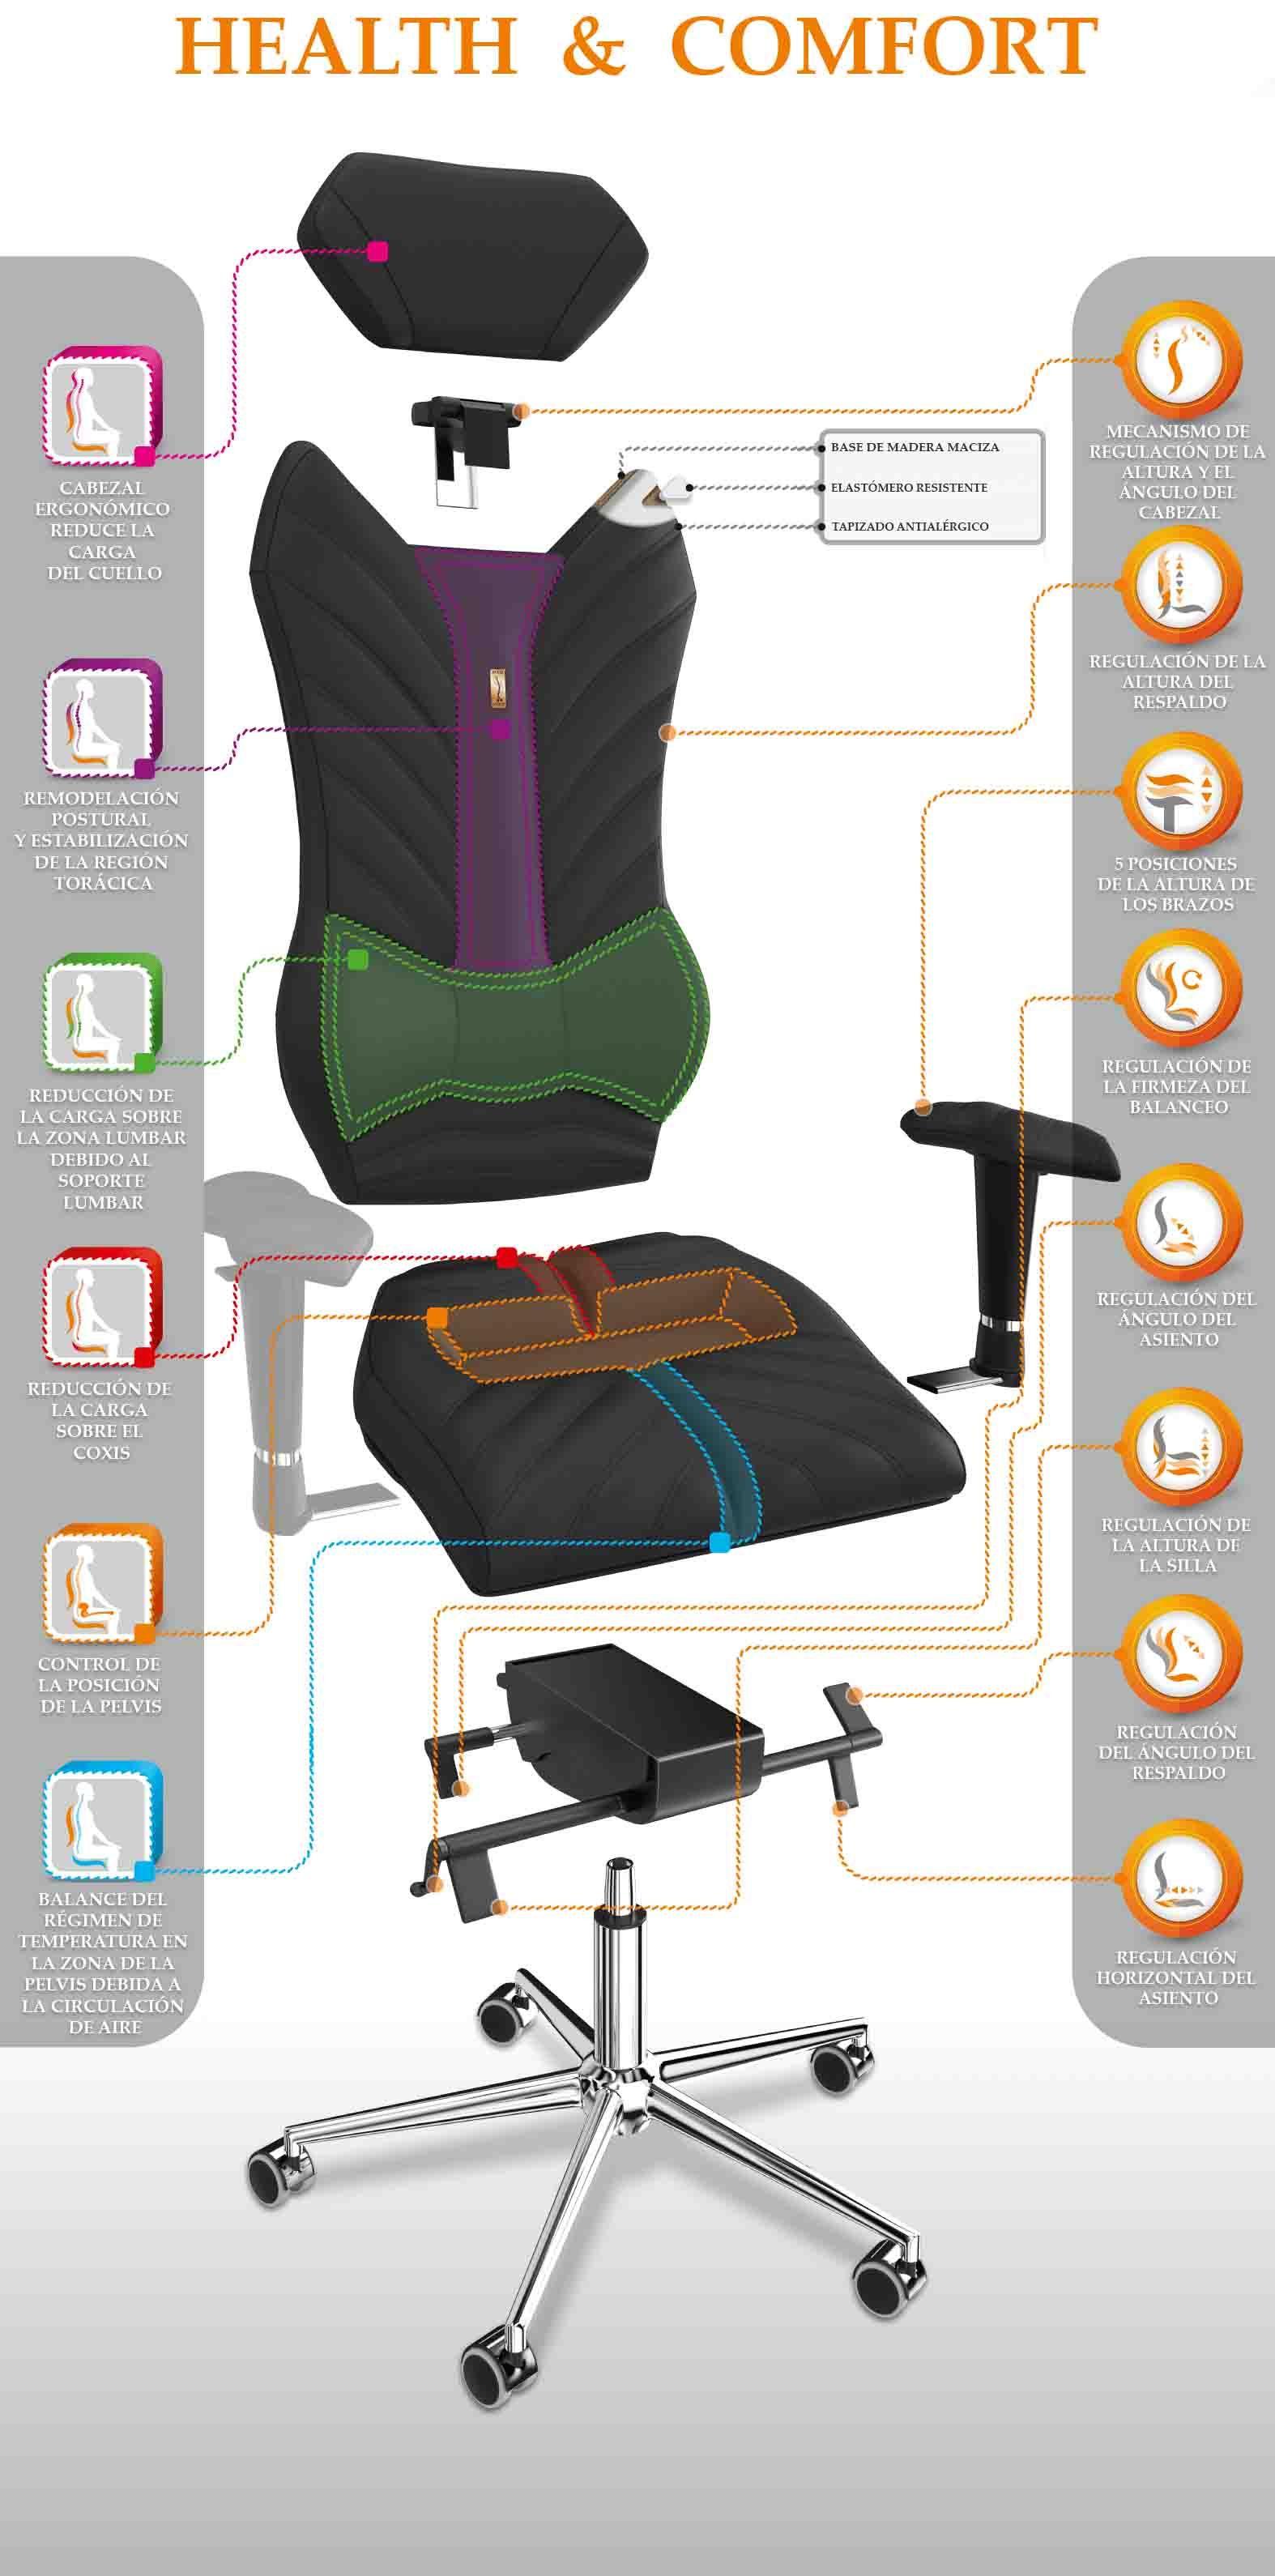 Las mejores sillas de escritorio ergonómicas del mercado ...